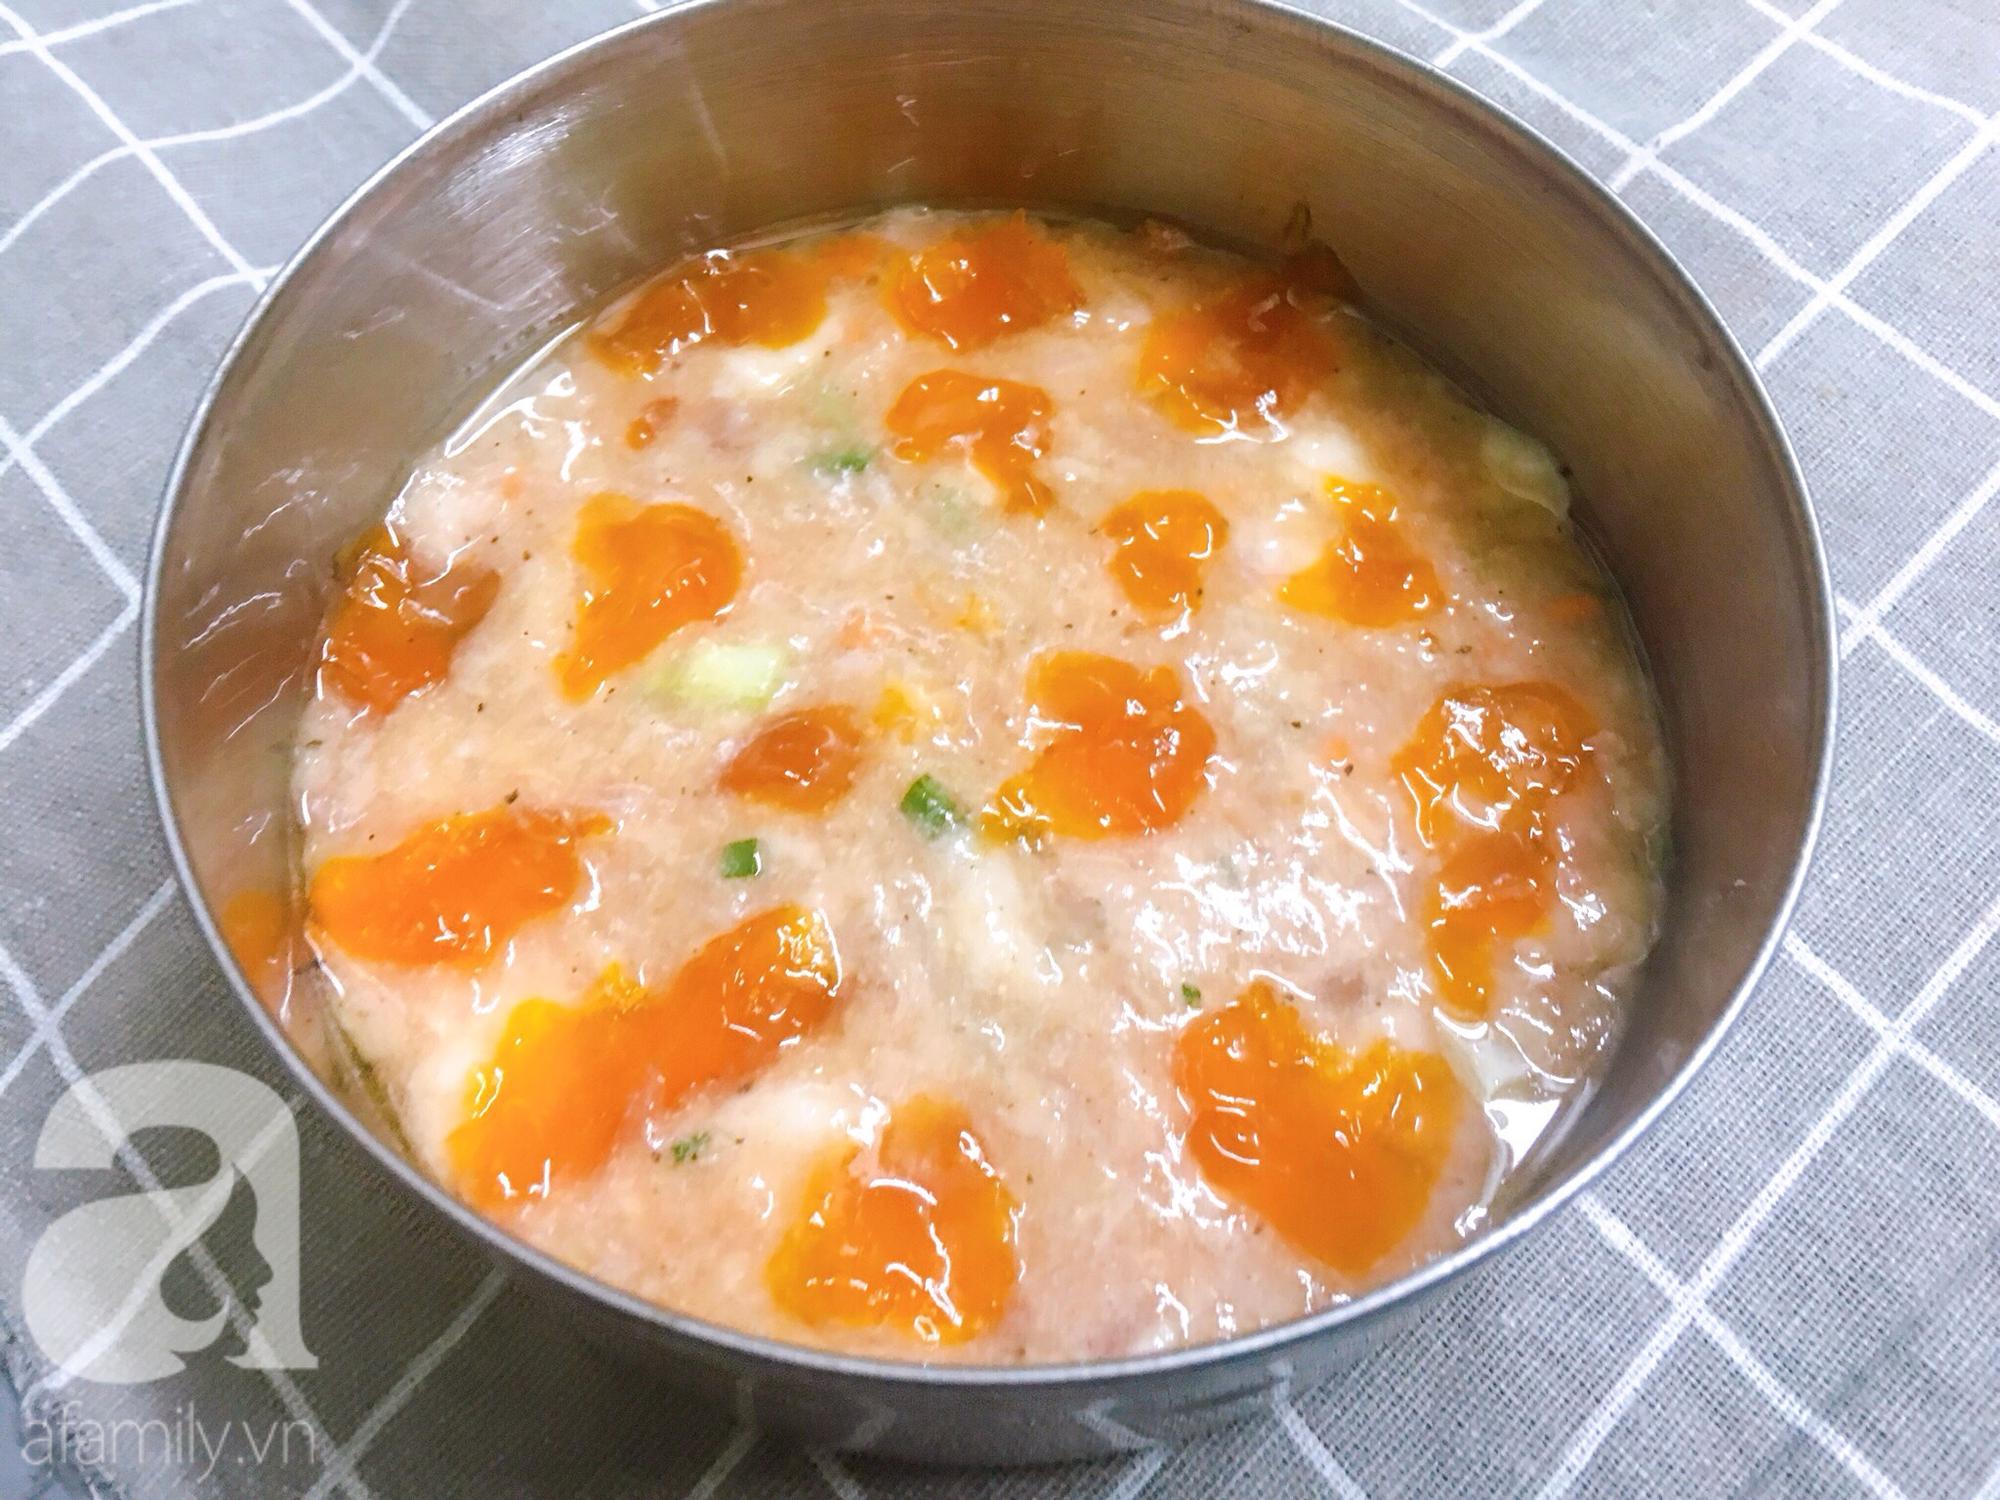 Thử ngay món mới cho bữa tối hôm nay: Chả hấp trứng muối ngon bất ngờ! - Ảnh 4